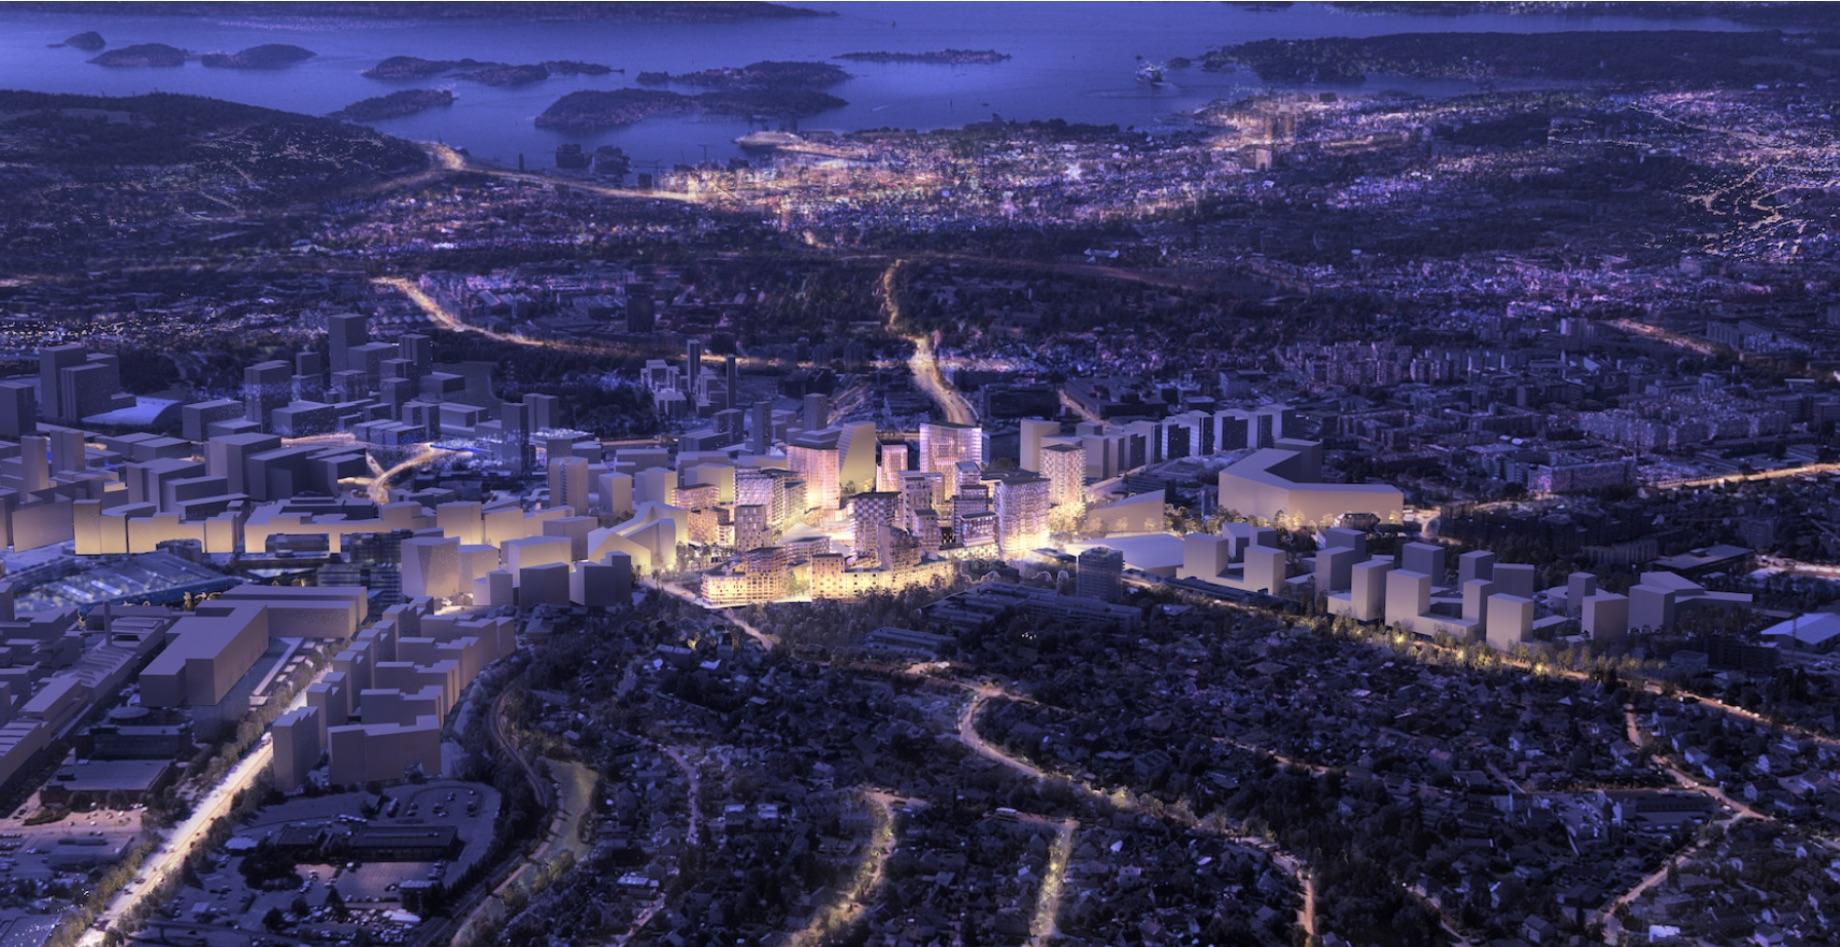 Bilde av nye Økern Sentrum,  fra hjemmesiden for prosjektet